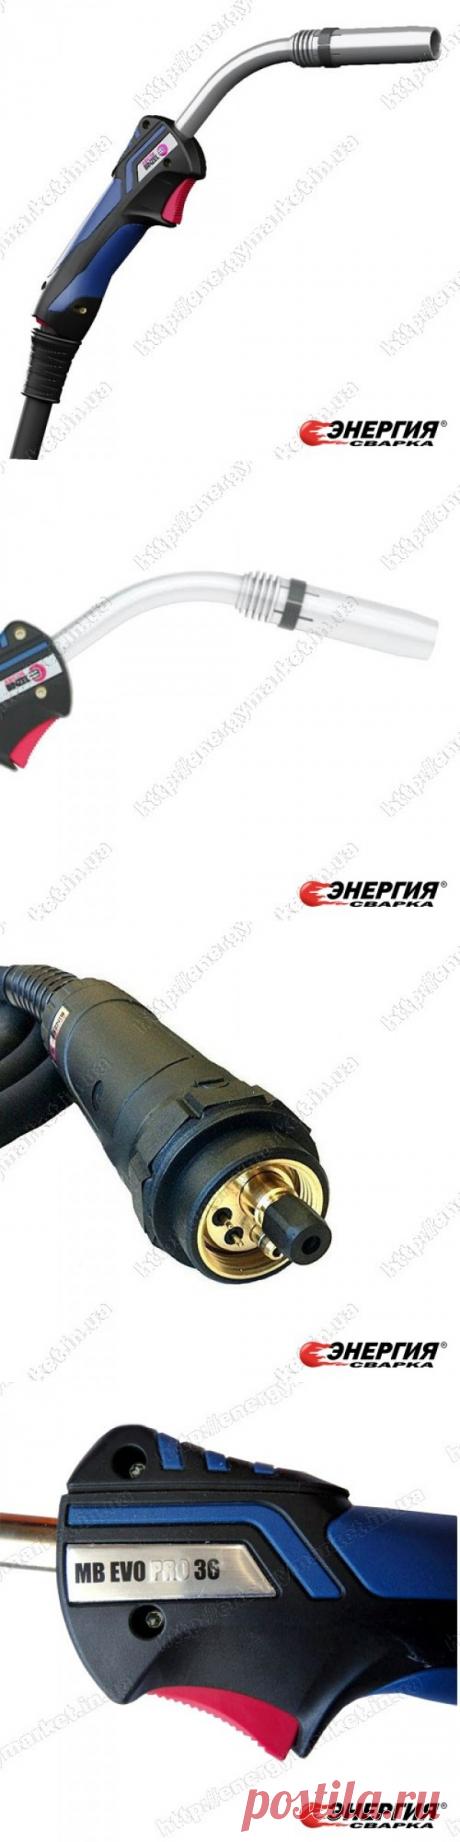 014.0529.1 Сварочная горелка Abicor Binzel МВ EVO PRO 36 (KZ-2 FK) 3.0м  купить цена Украине